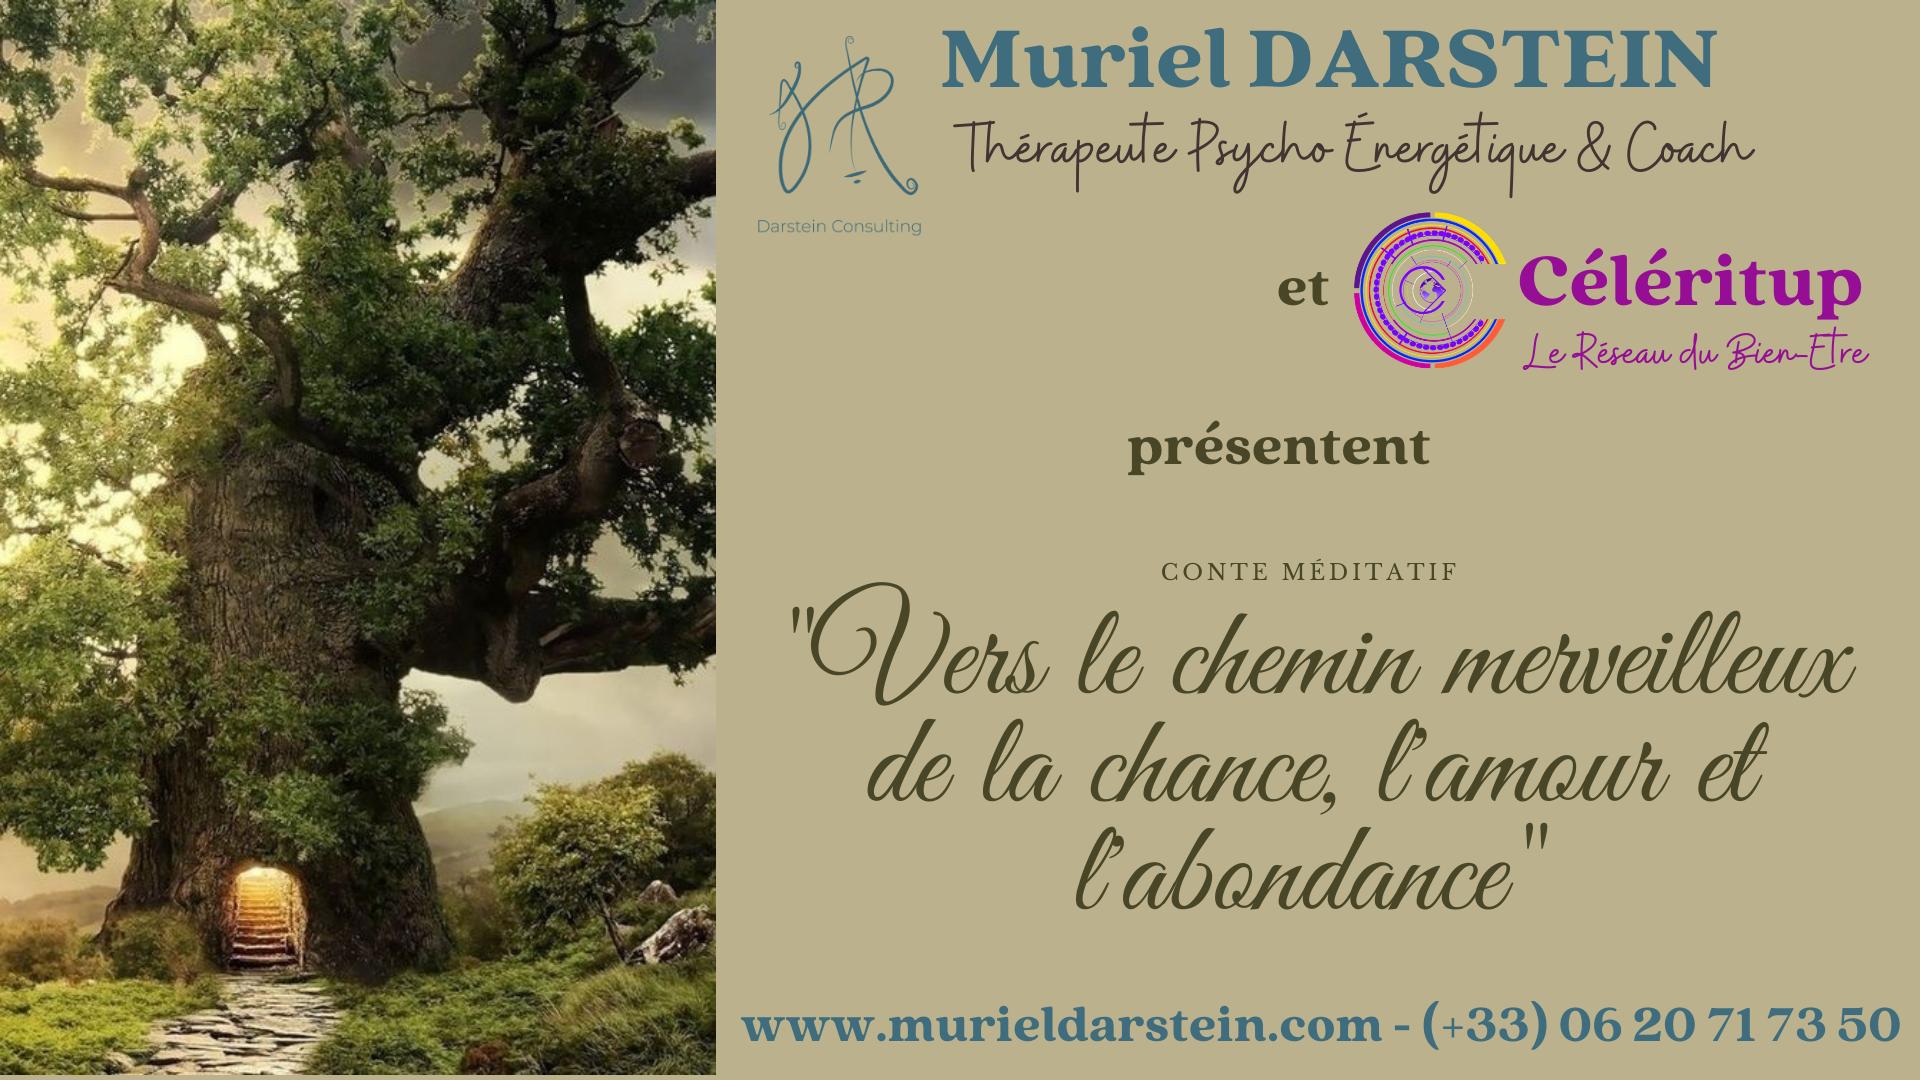 Méditation Chamanique : Le Voyage Merveilleux vers la Chance, l'Amour et l'Abondance